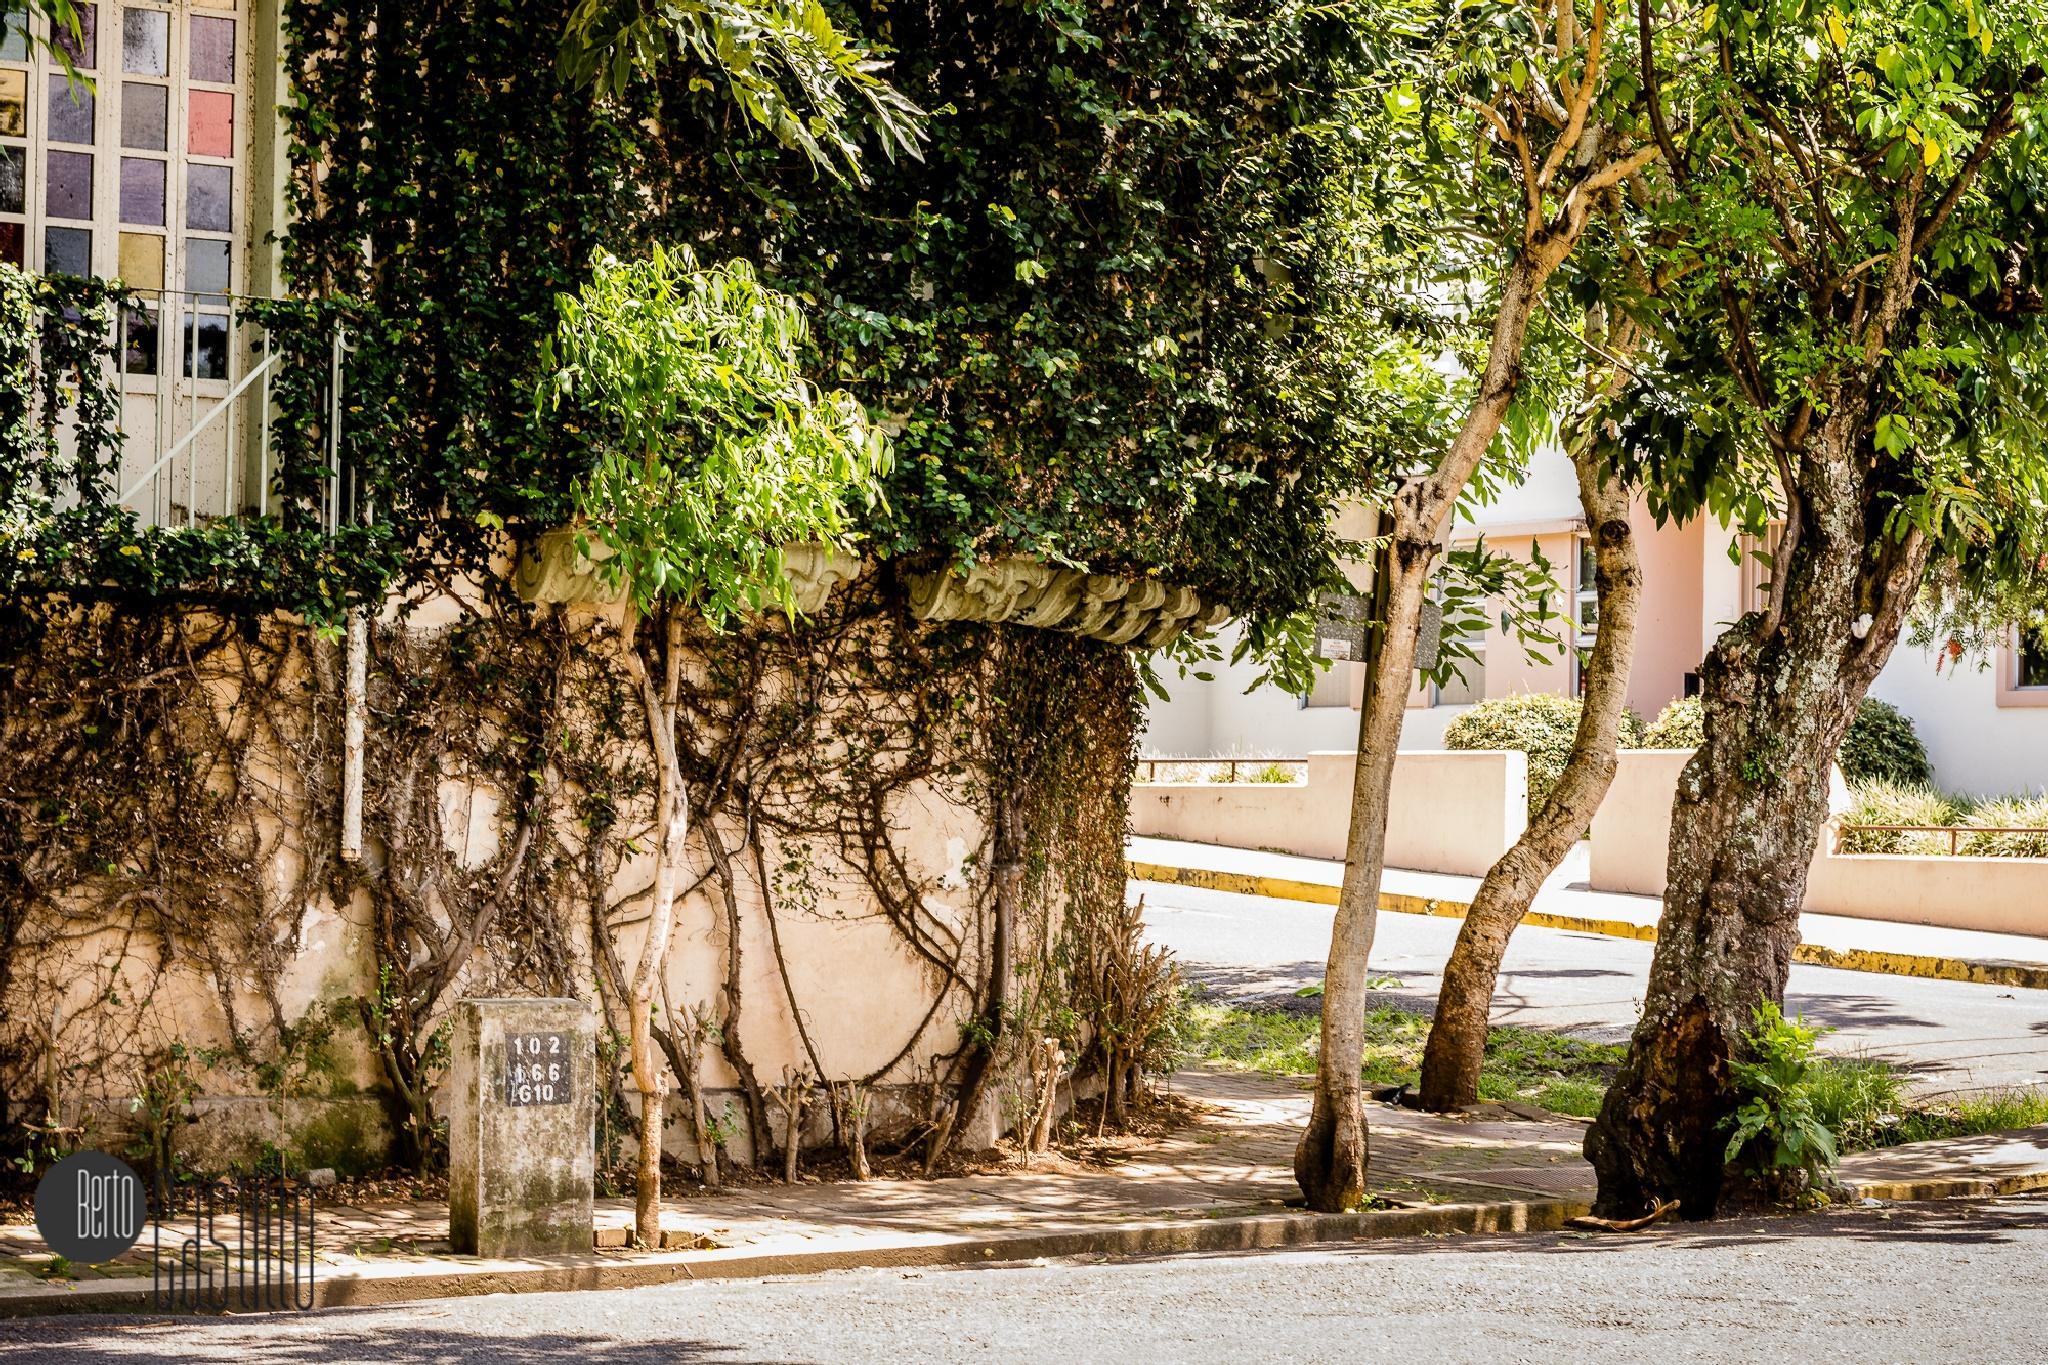 Corner at Barrio Amón by Odir Alberto Castillo